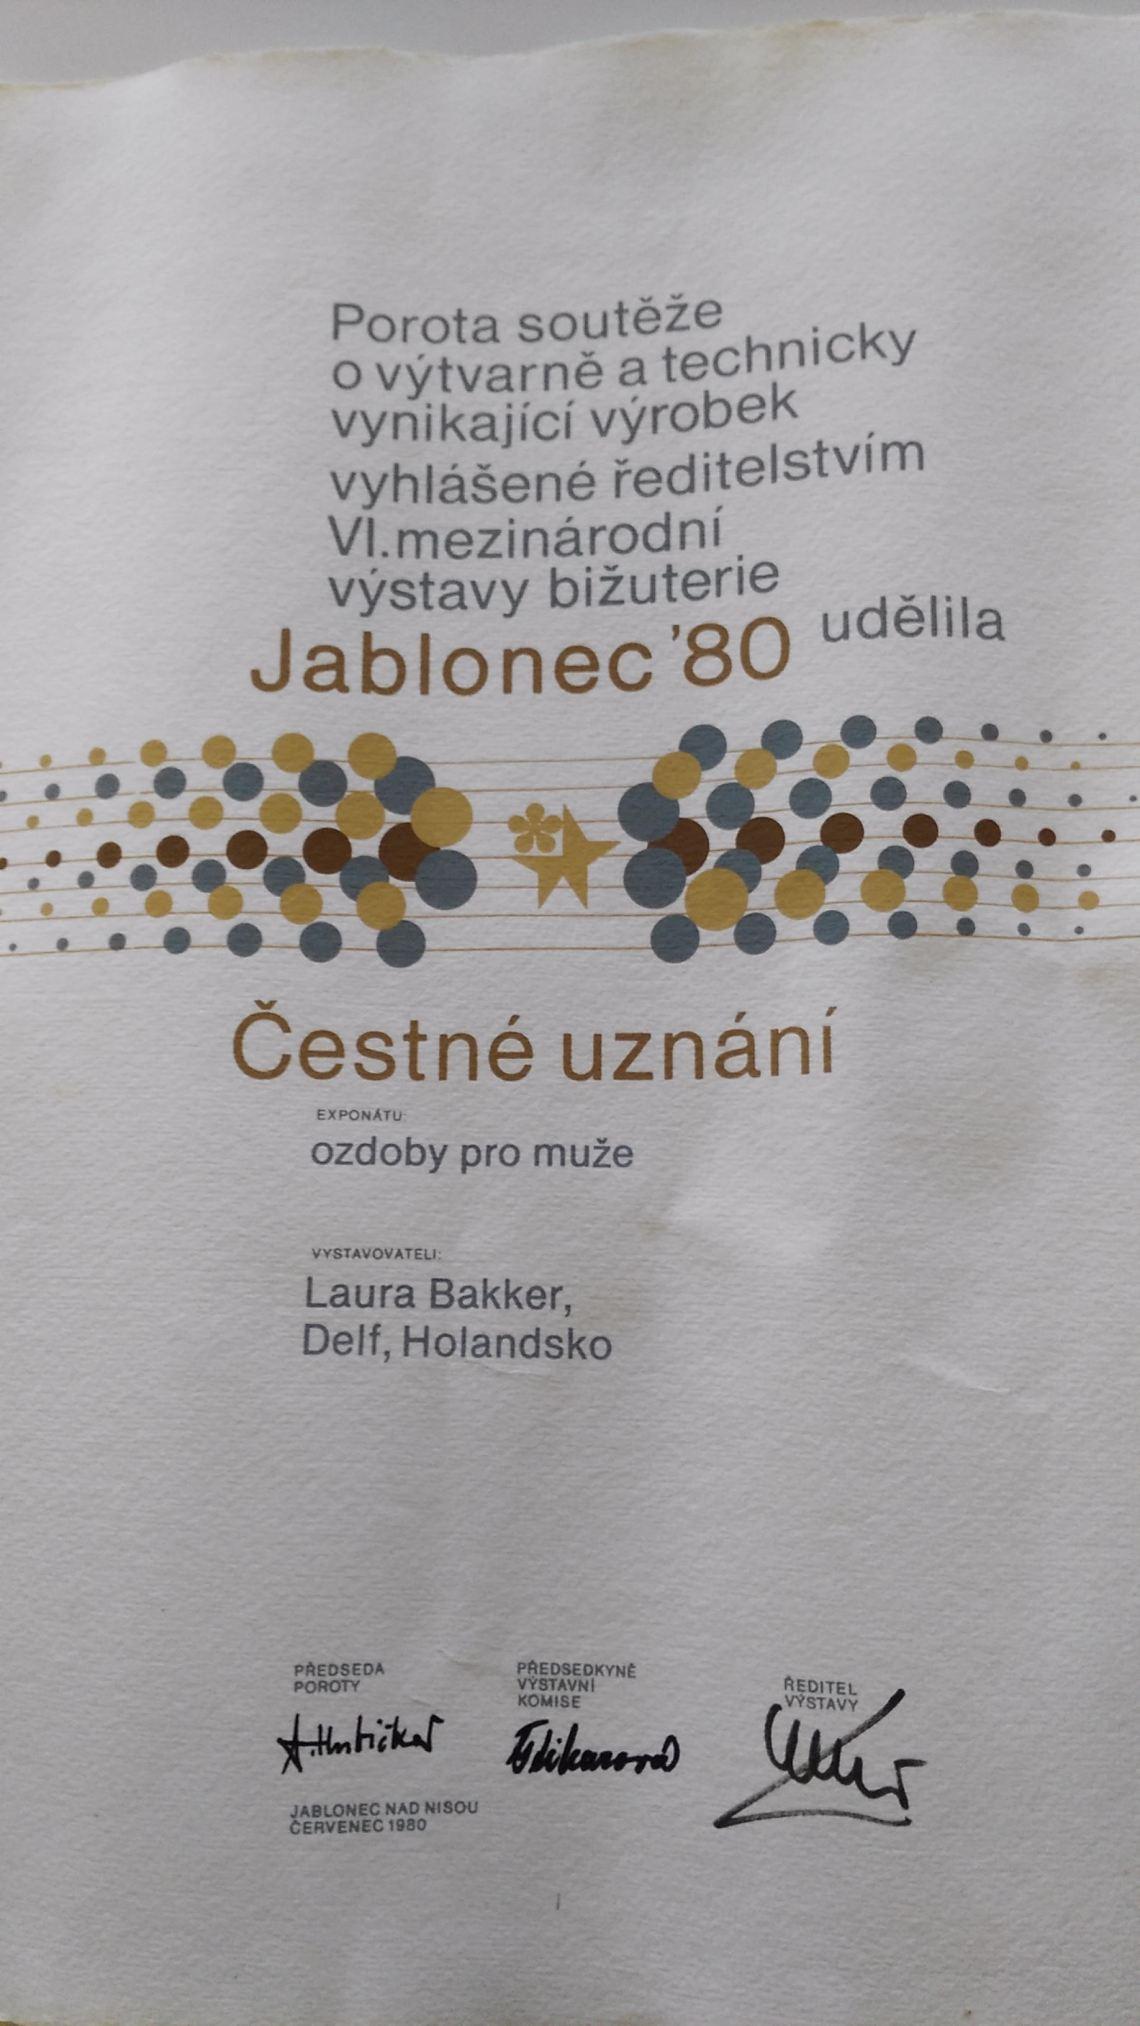 Prijs Jablonec 1980. Foto met dank aan Laura Bakker©